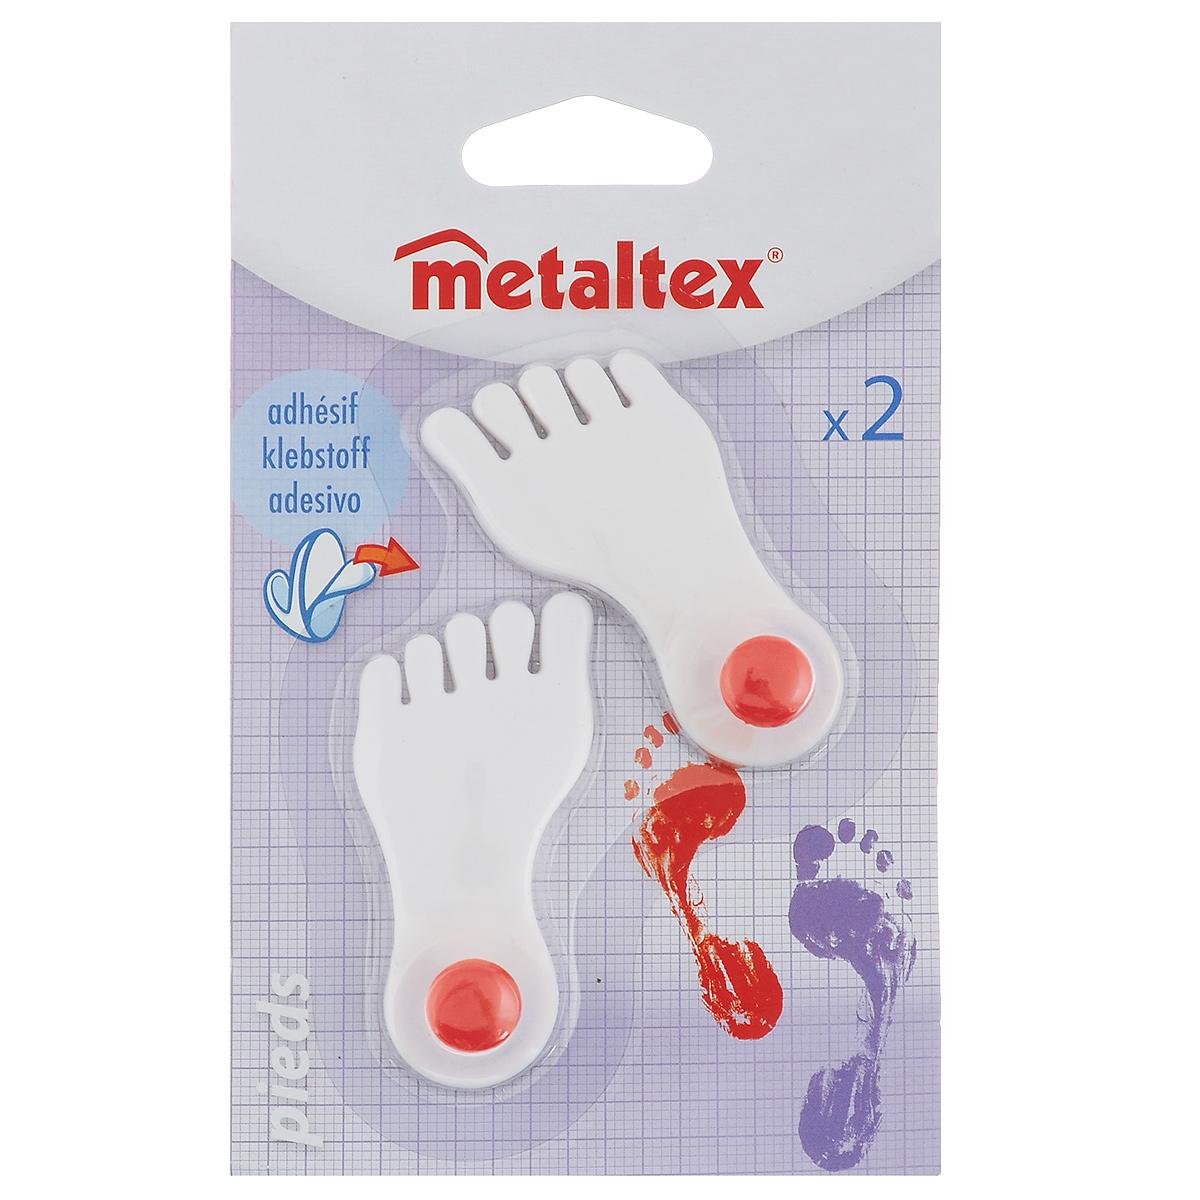 Набор крючков Metaltex Pieds, 2 шт40537000Набор настенных крючков Metaltex Pieds изготовлен из прочного пластика в виде левой и правой ножки. Они прекрасно подойдут для вашей ванной комнаты или кухни и не займут много места, надежно выдержав все, что вы на них повесите. Крючки могут крепится на стену с помощью липкой ленты которая находится на задней стороне крючка.Размер крючка: 3 см х 1,5 см х 6,5 см.Комплектация: 2 шт.